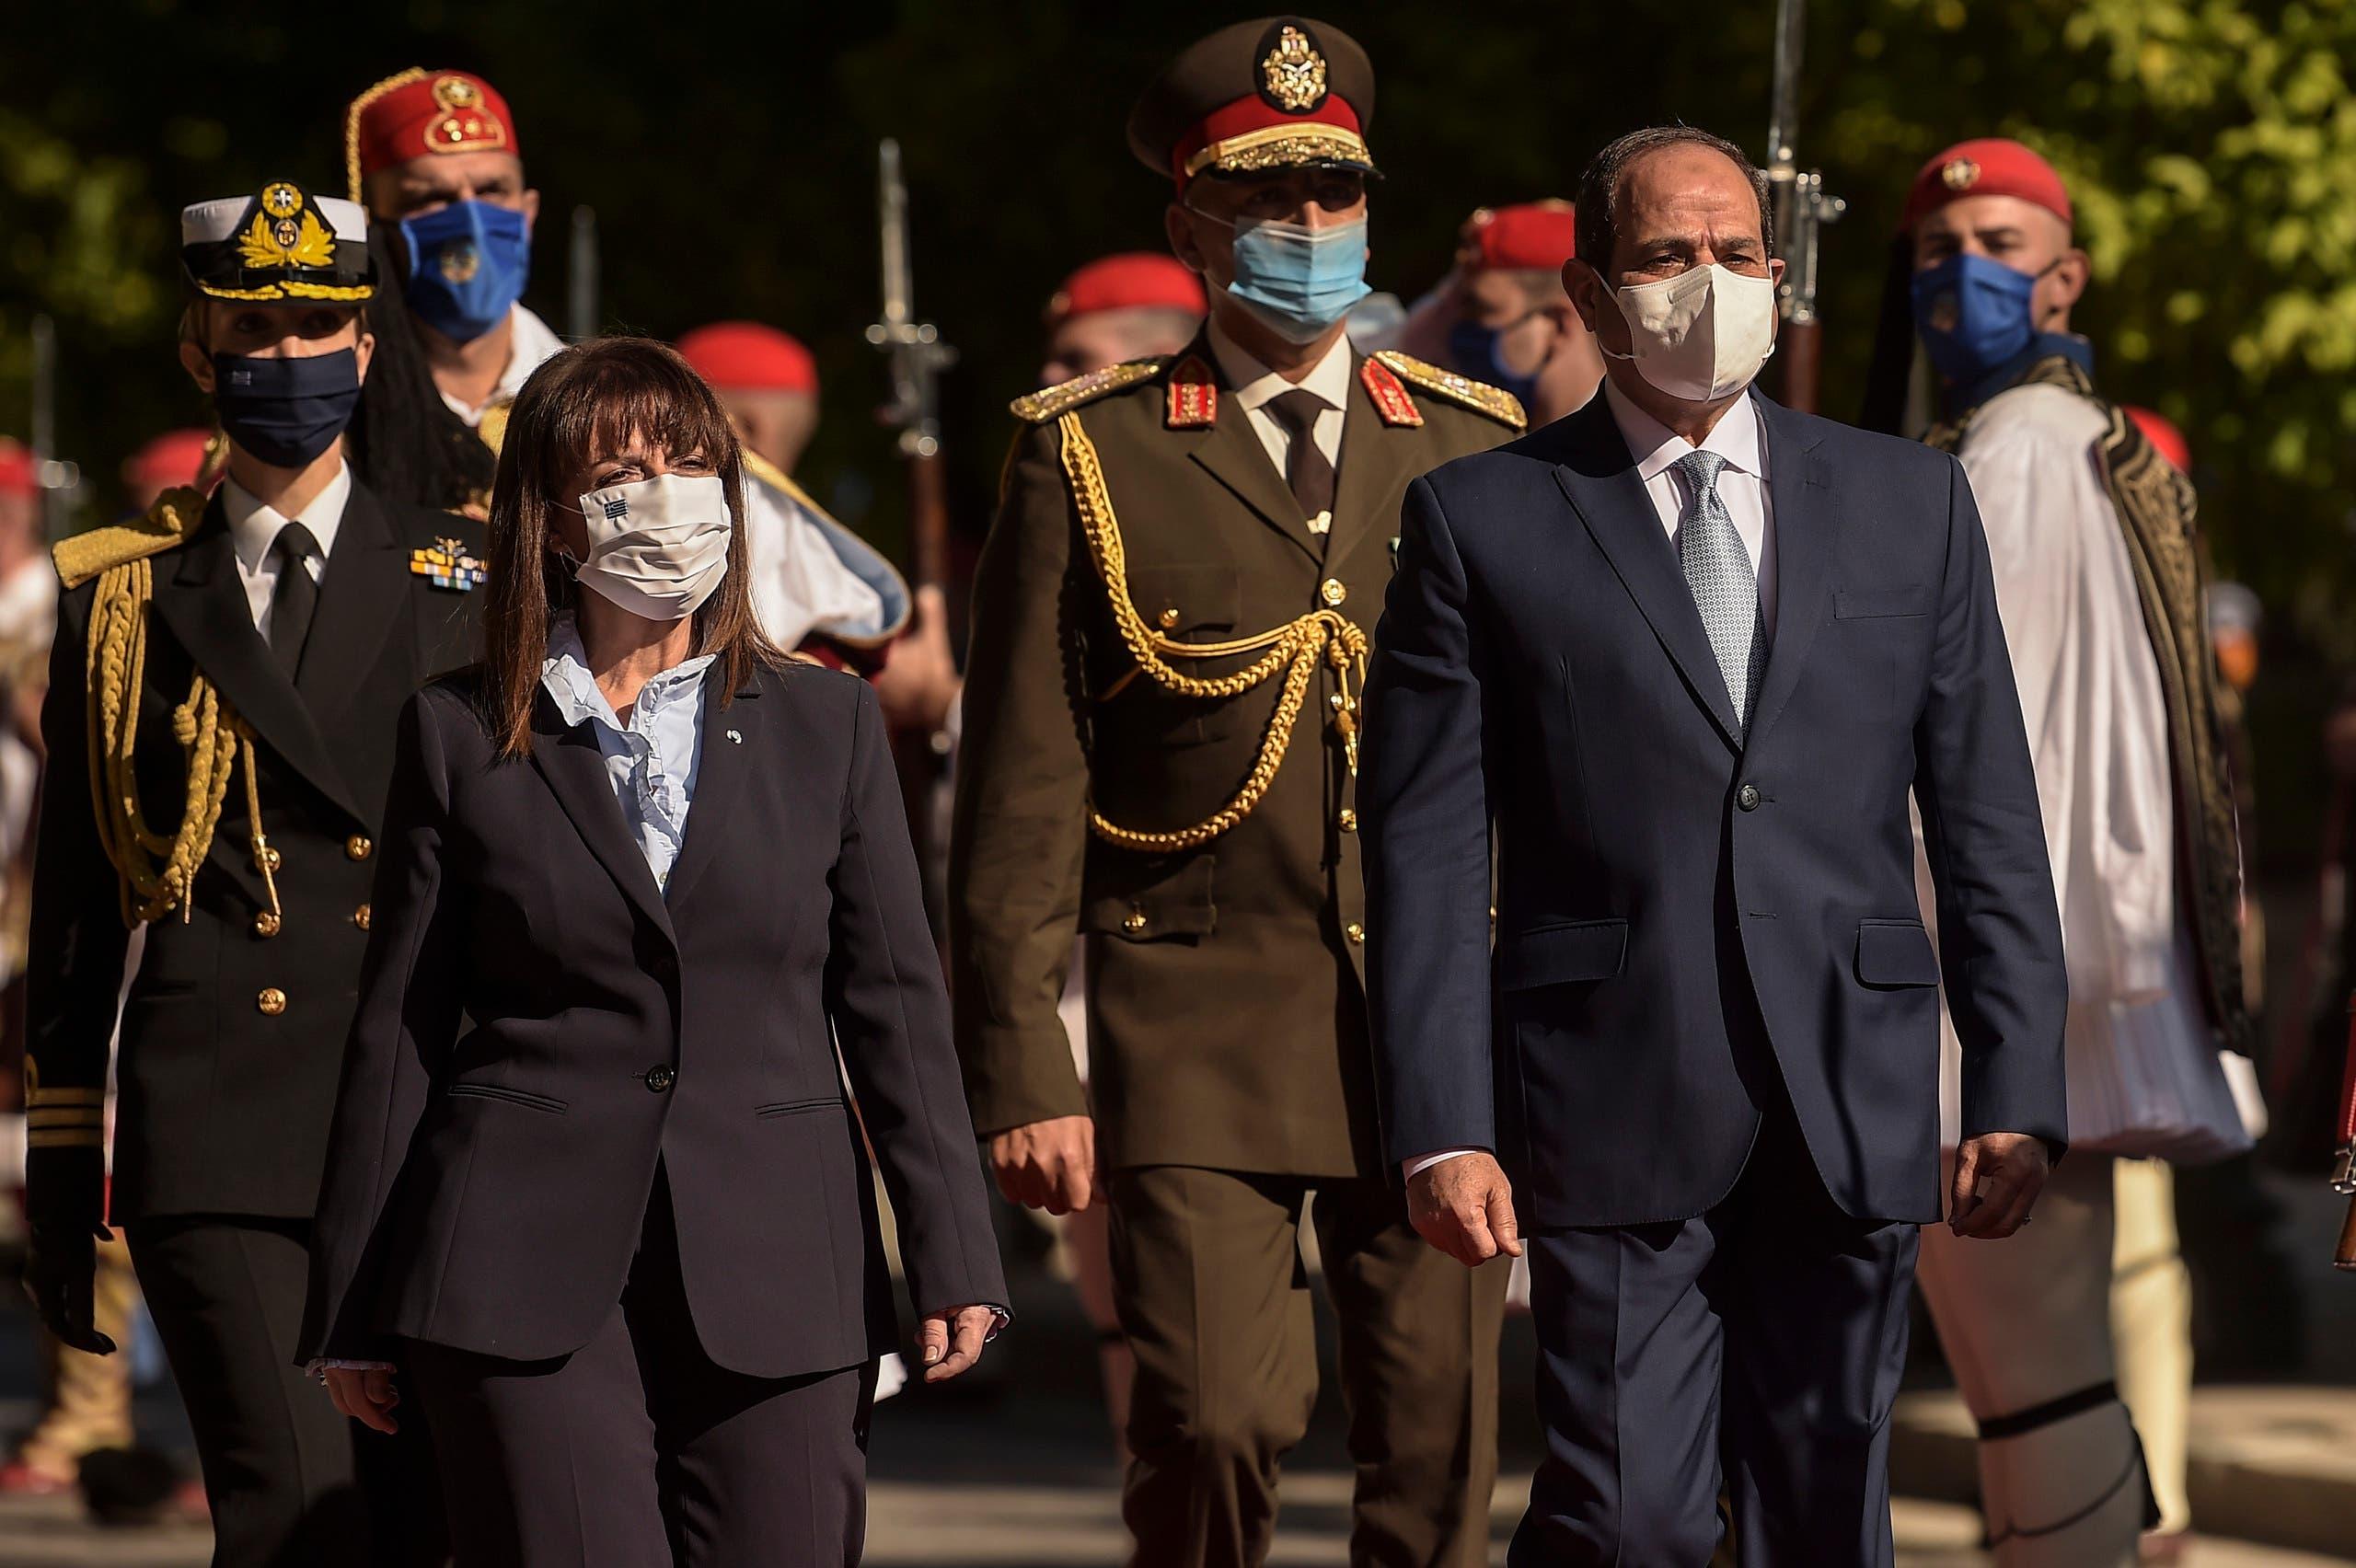 من الاستقبال الرسمي للرئيس المصري في اليونان